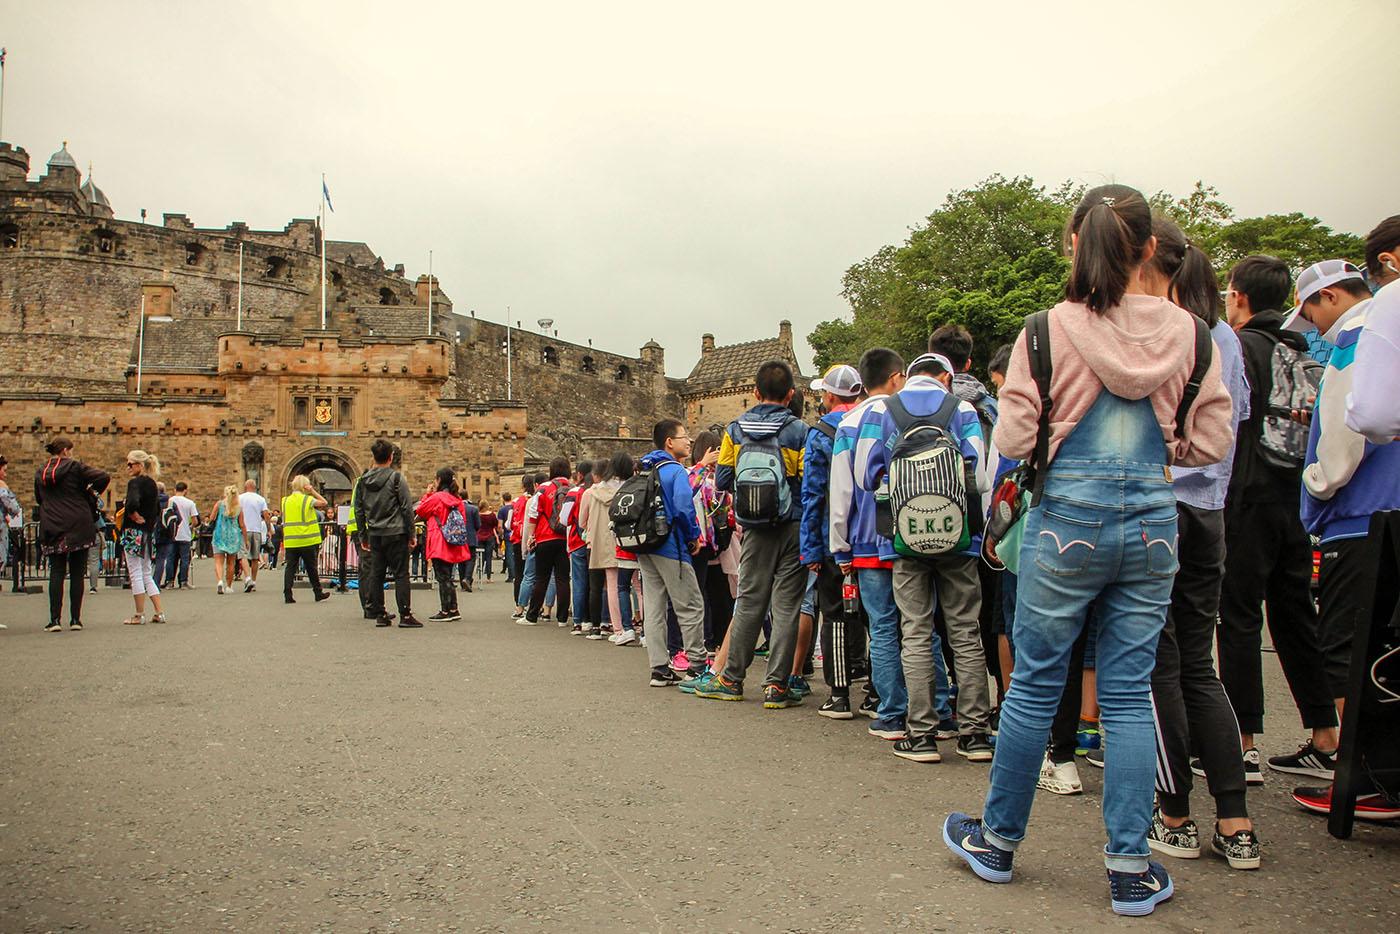 Au sommet du Royal Mile, la foule des visiteurs patiente devant le château d'Edimbourg.  (photo Julie Jeunejean/8e étage)